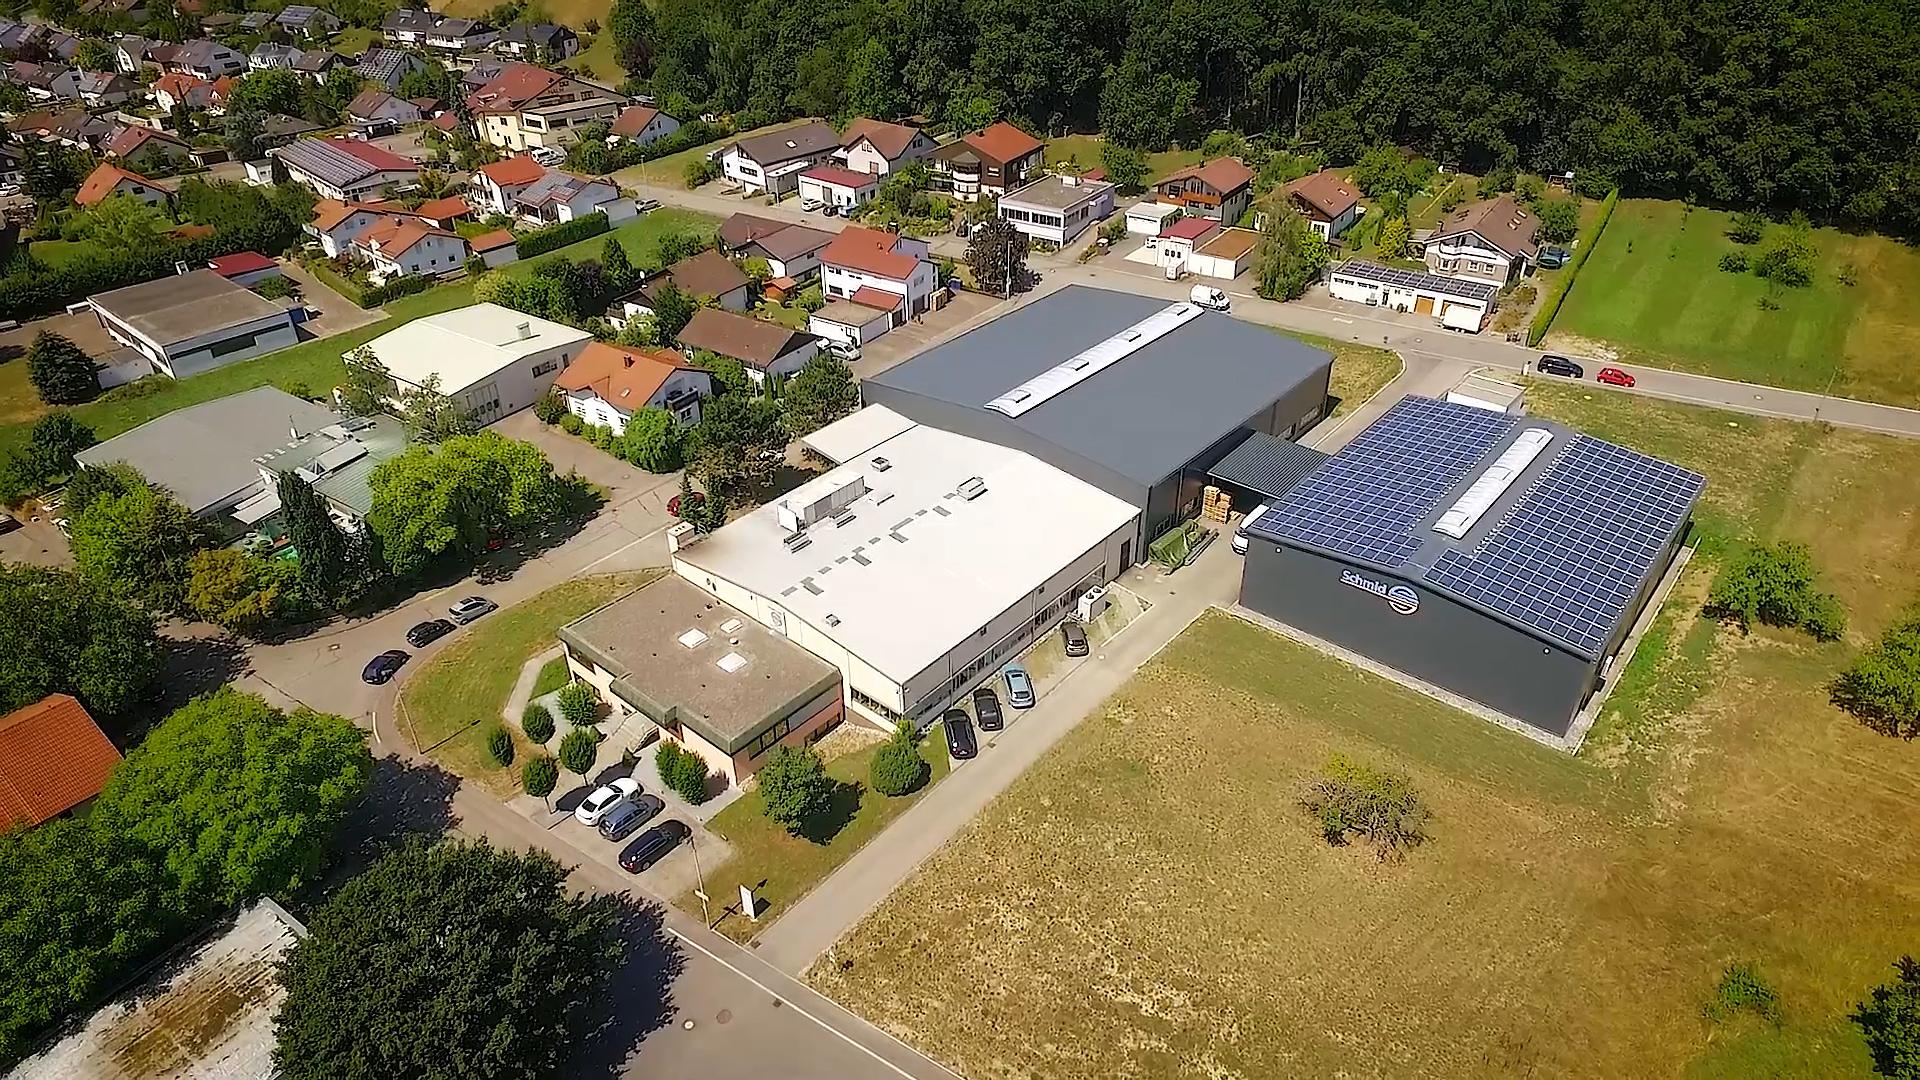 Luftaufnahmen Drohnenaufnahmen Landfschaft von Vision Unlimited